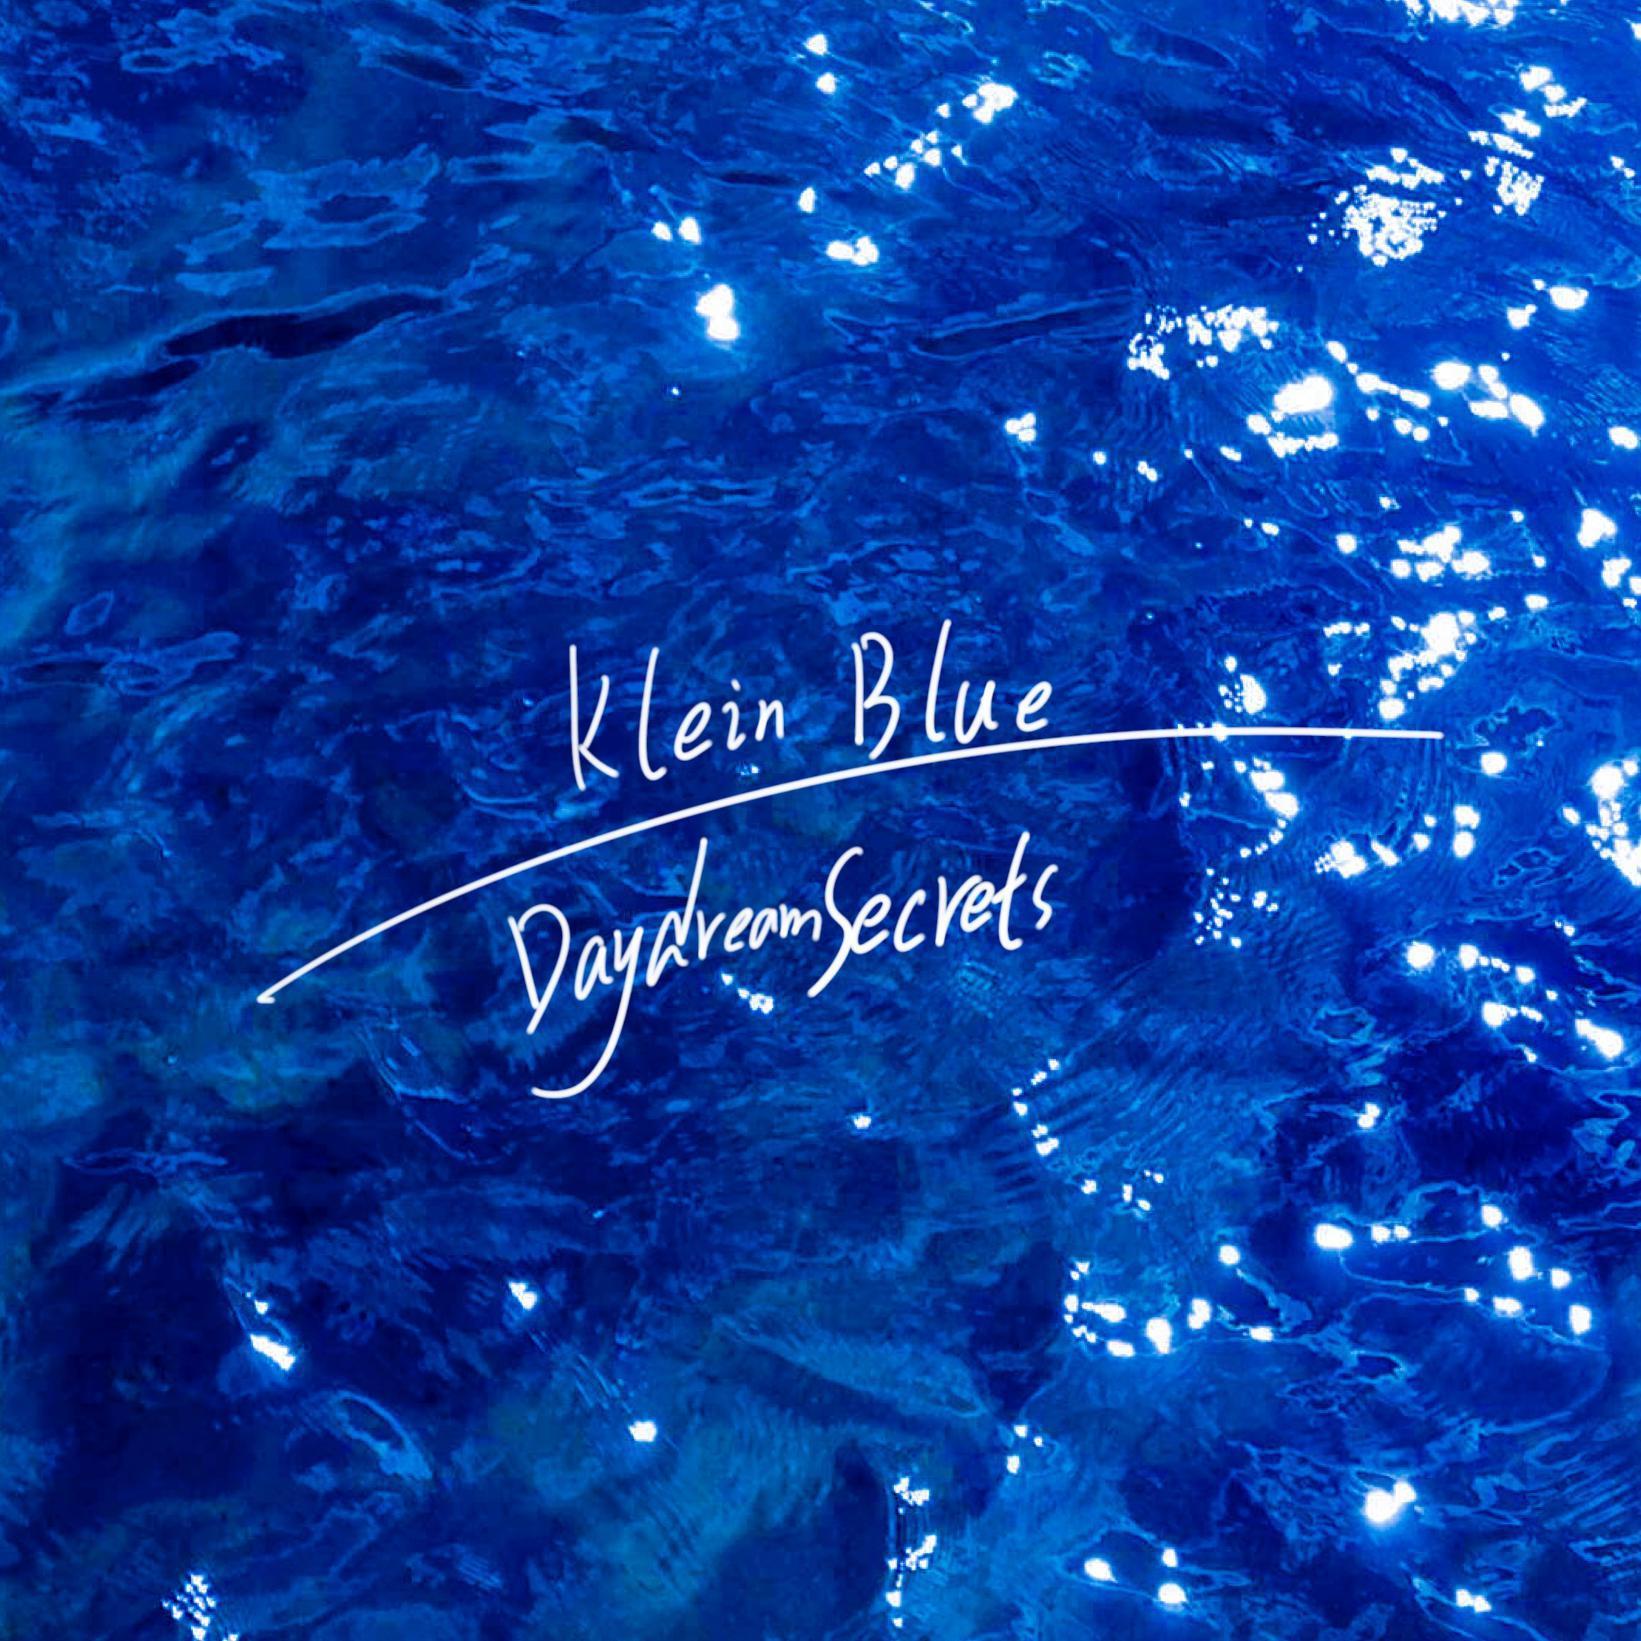 Klein Blue